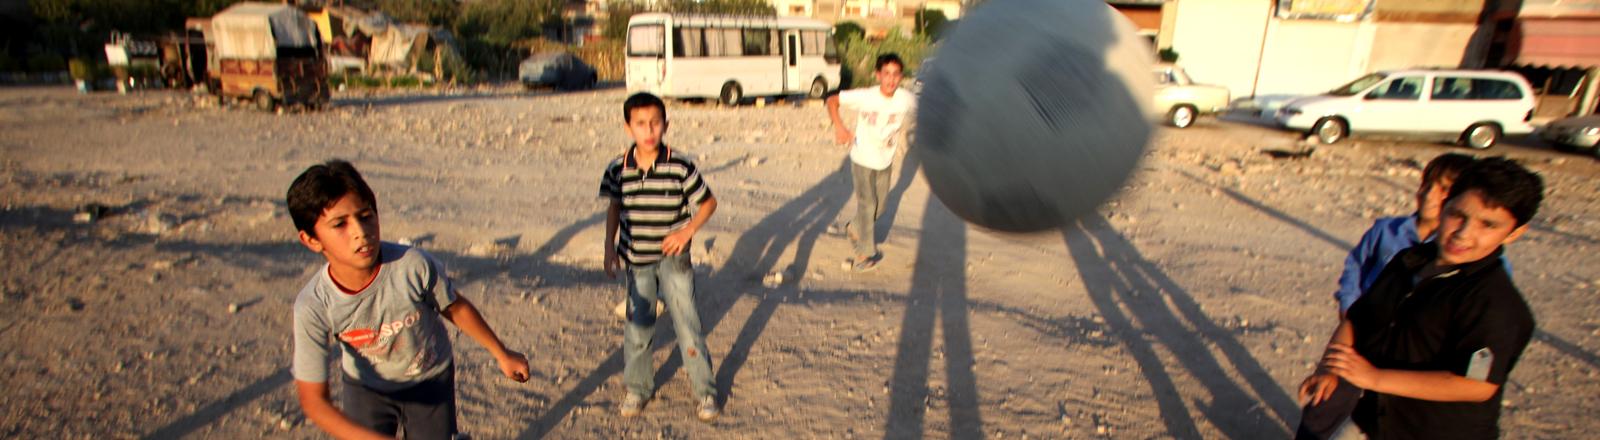 Kinder spielen Fußball in der Abendsonne auf einem staubigen Platz in Damaskus